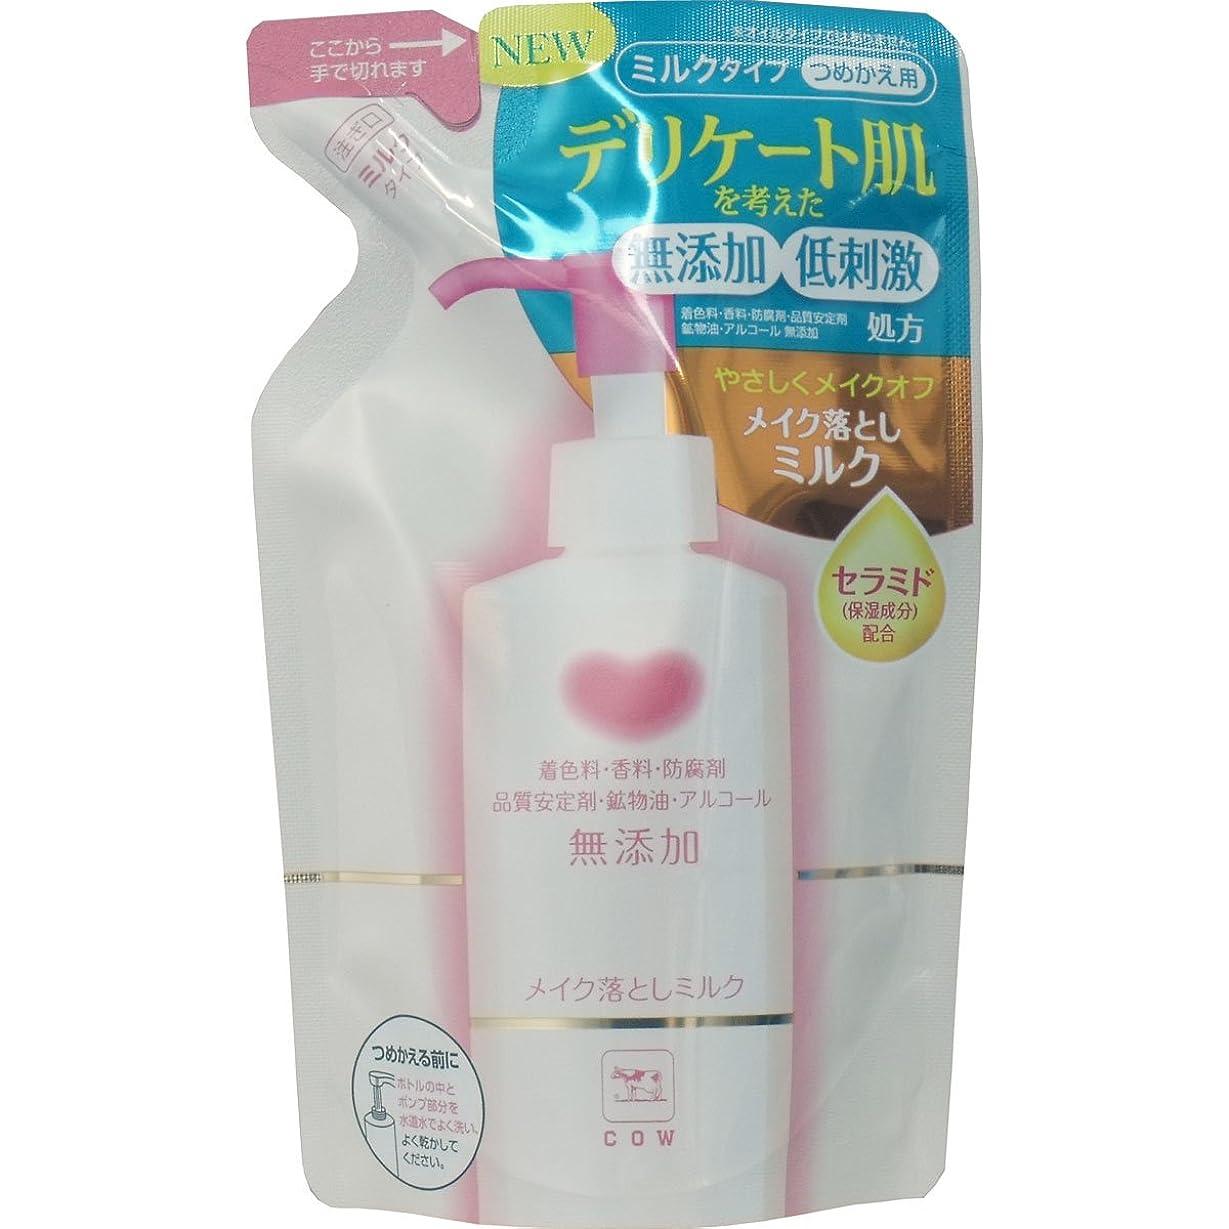 水曜日カルシウム以来【牛乳石鹸共進社】カウ無添加 メイク落としミルク つめかえ用 130ml ×3個セット